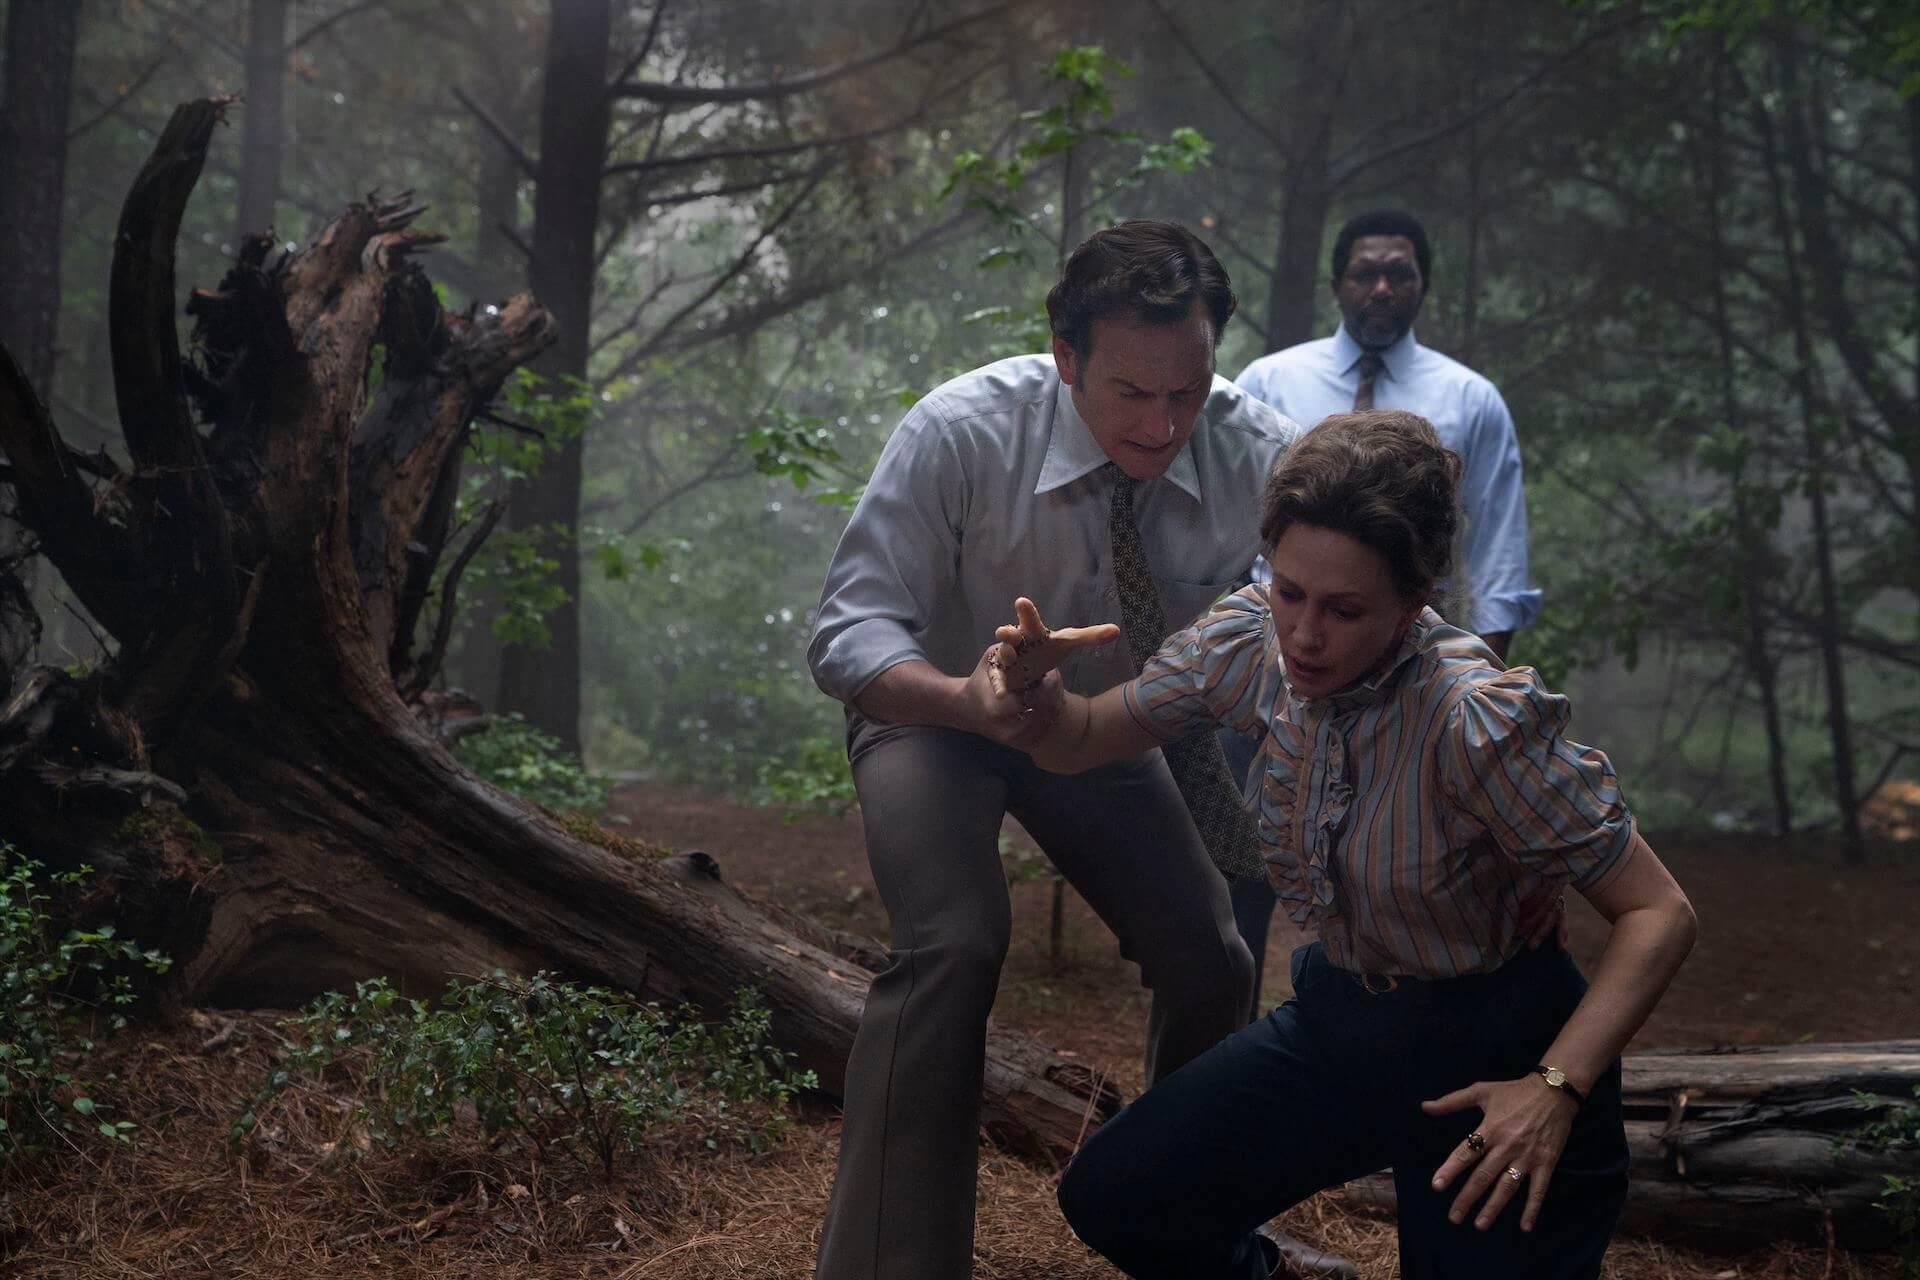 「死霊館」ユニバース全7作 累計世界興収20億ドル超え!最新作『死霊館 悪魔のせいなら、無罪。』は10月公開 film210802-shiryoukan-muzai-4